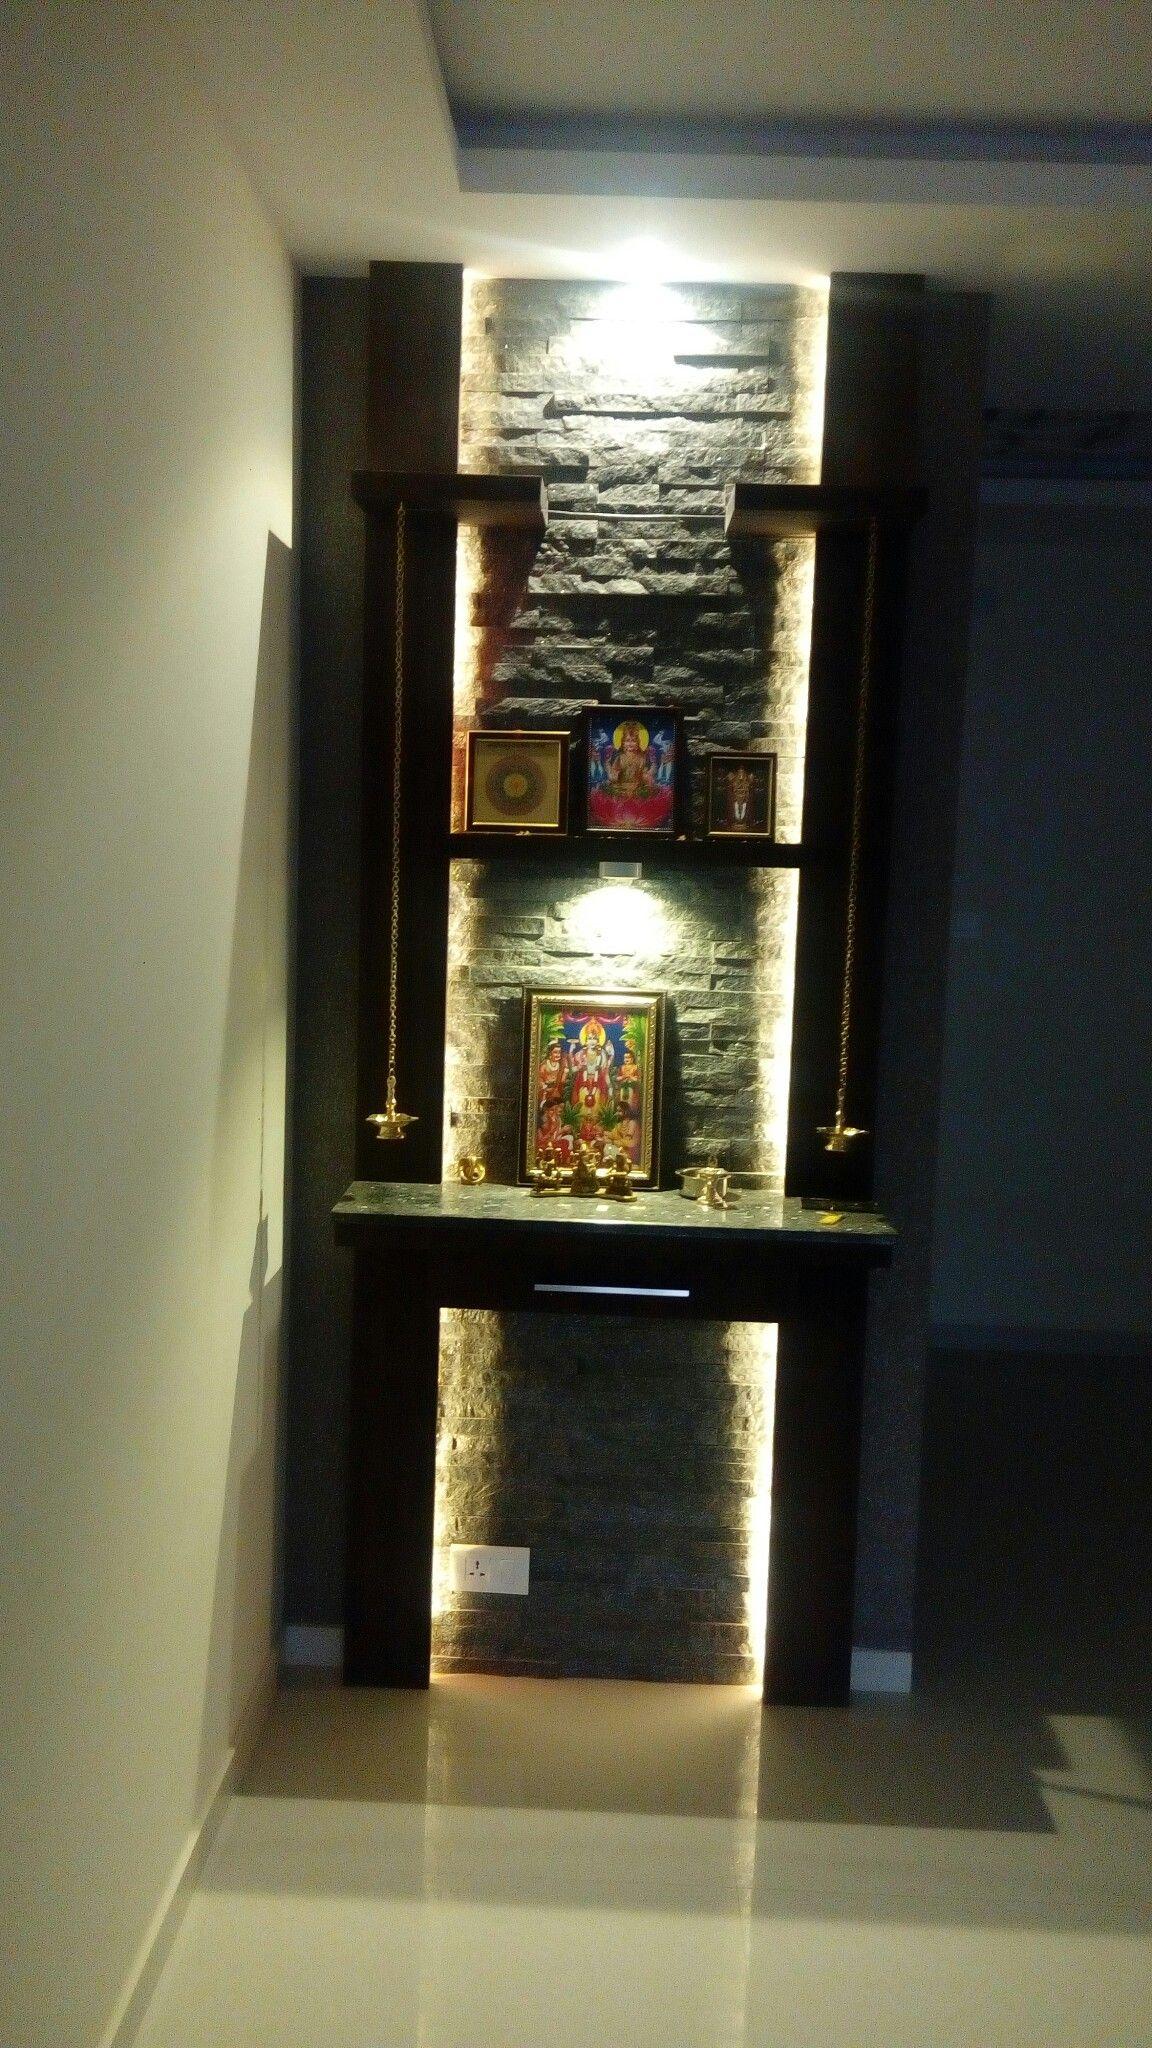 10 Pooja Room Door Designs That Beautify Your Mandir Entrance: Beautiful Houses Interior, Pooja Room Door Design